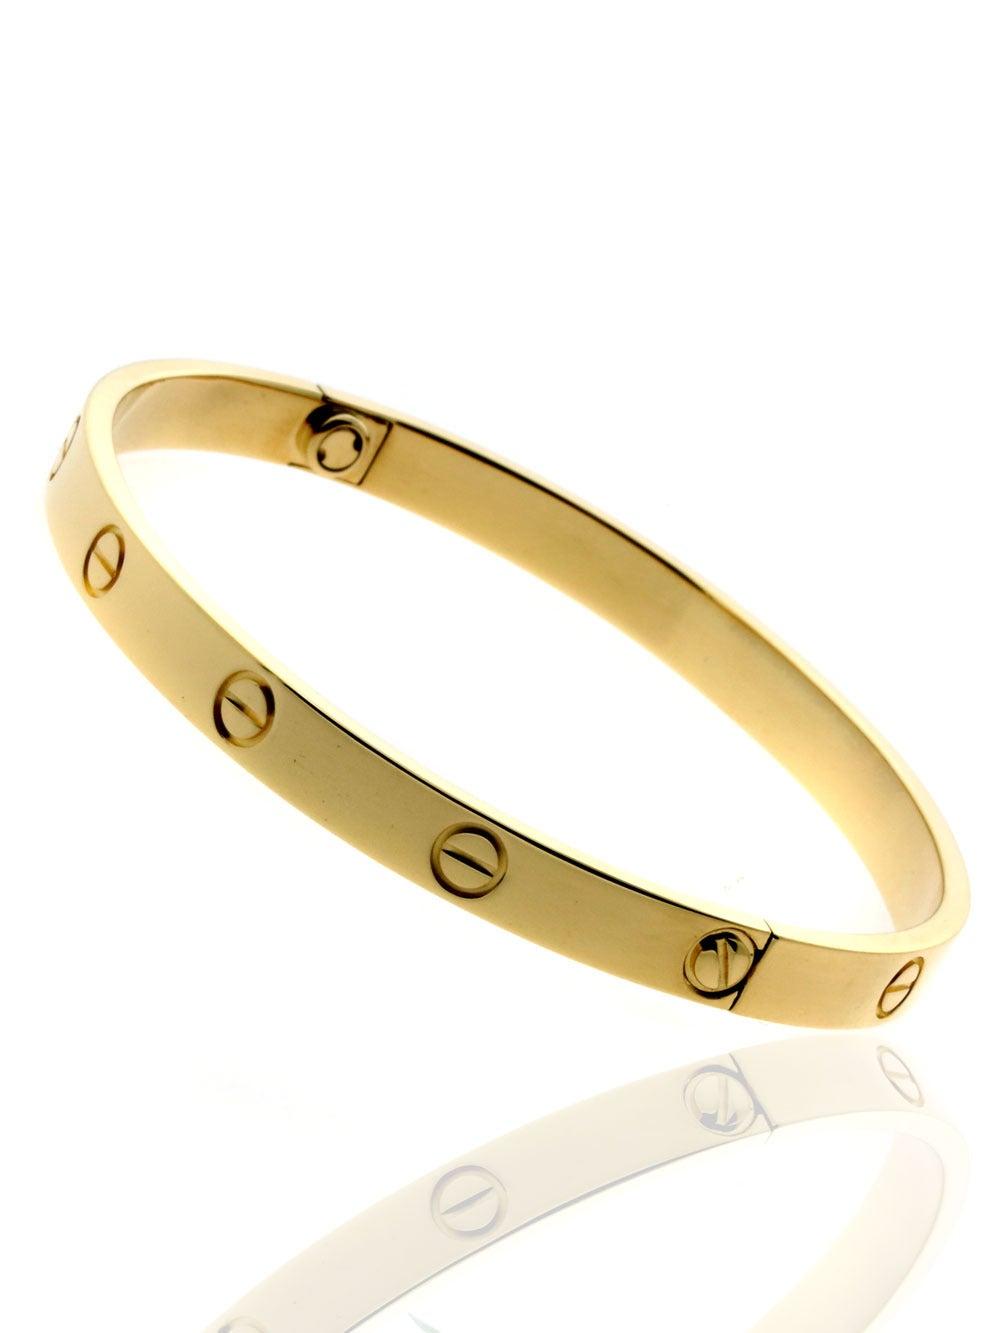 Cartier Love Gold Bangle Bracelet at 1stdibs